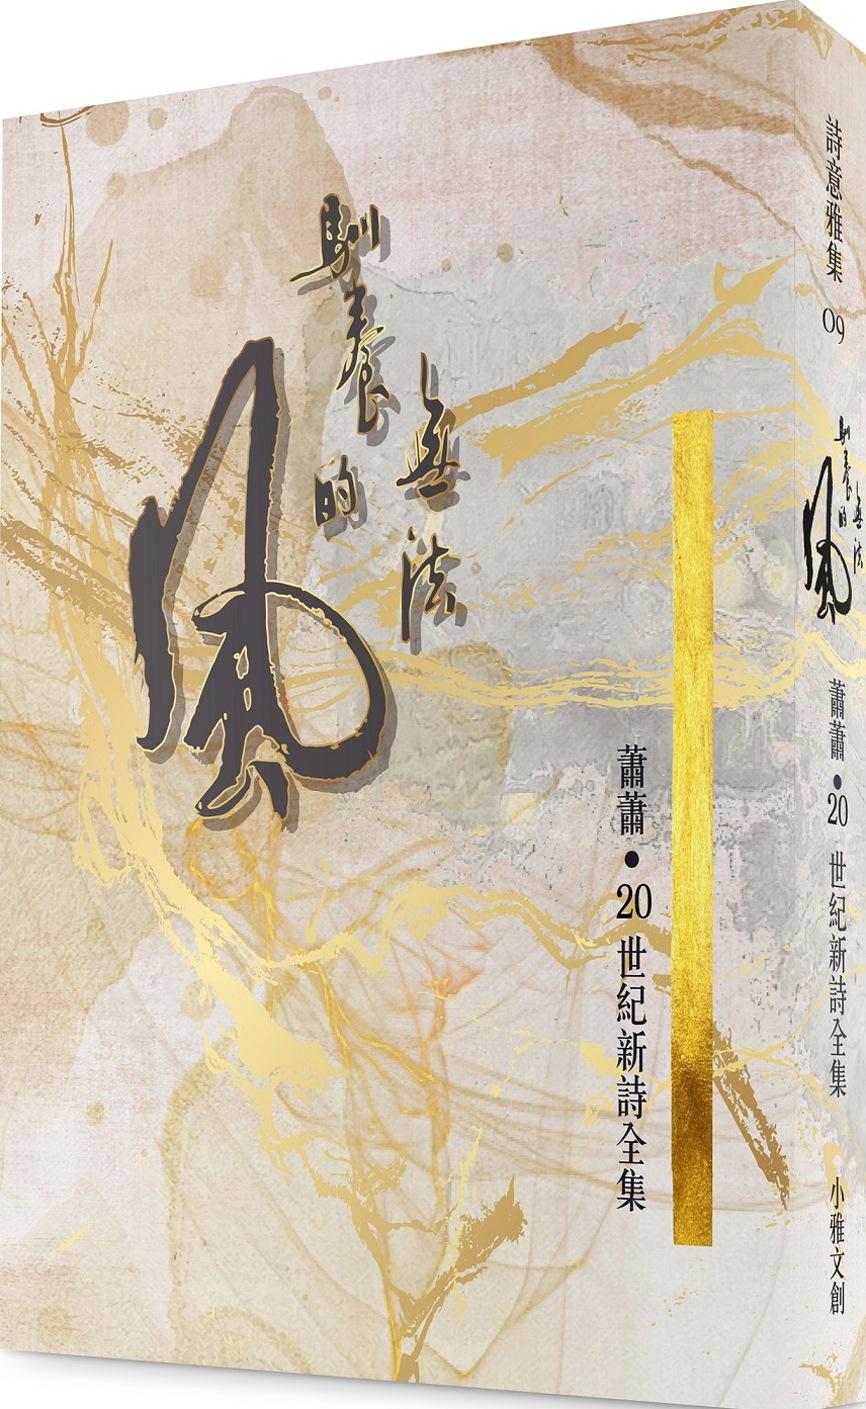 無法馴養的風:蕭蕭‧20世紀新詩 全集